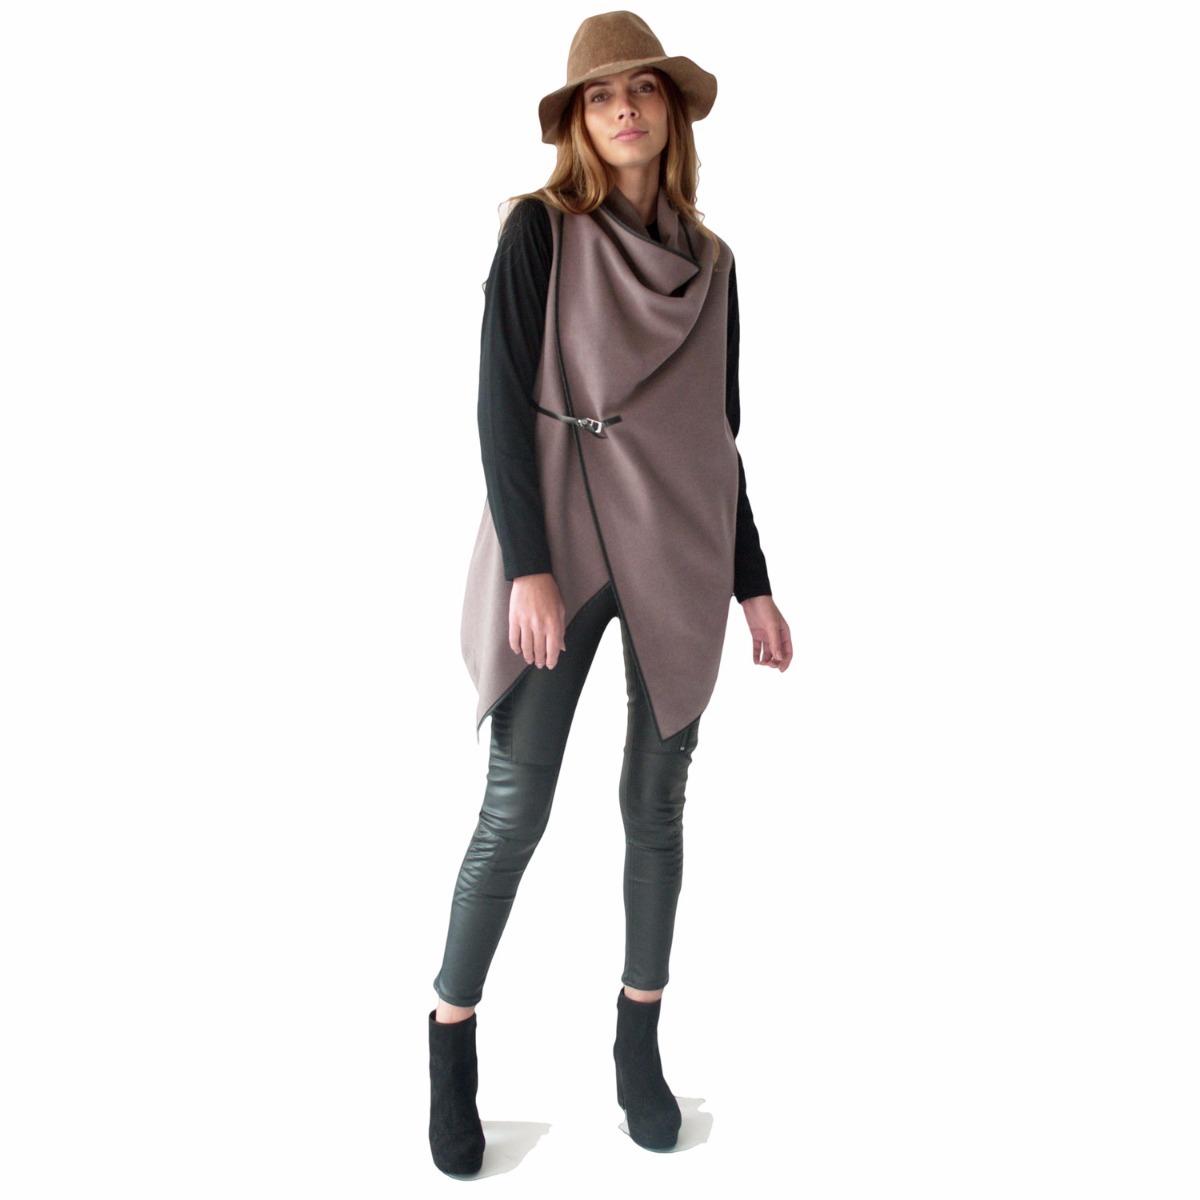 a38792f3e45 Cargando zoom... 5 abrigo mujer formal casual saco gabardina ligero rack    pack